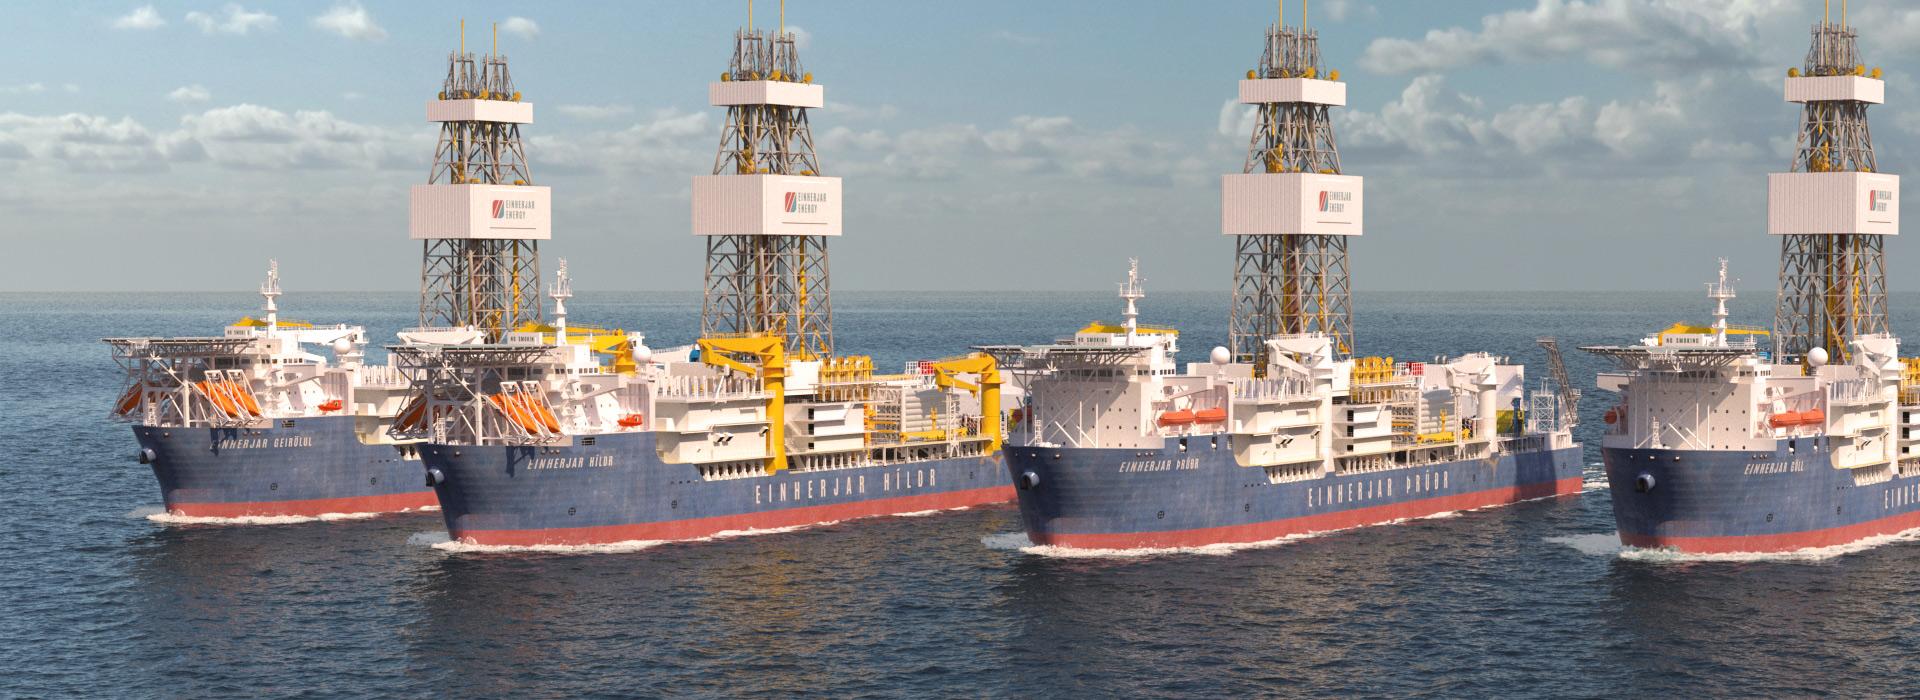 drillship